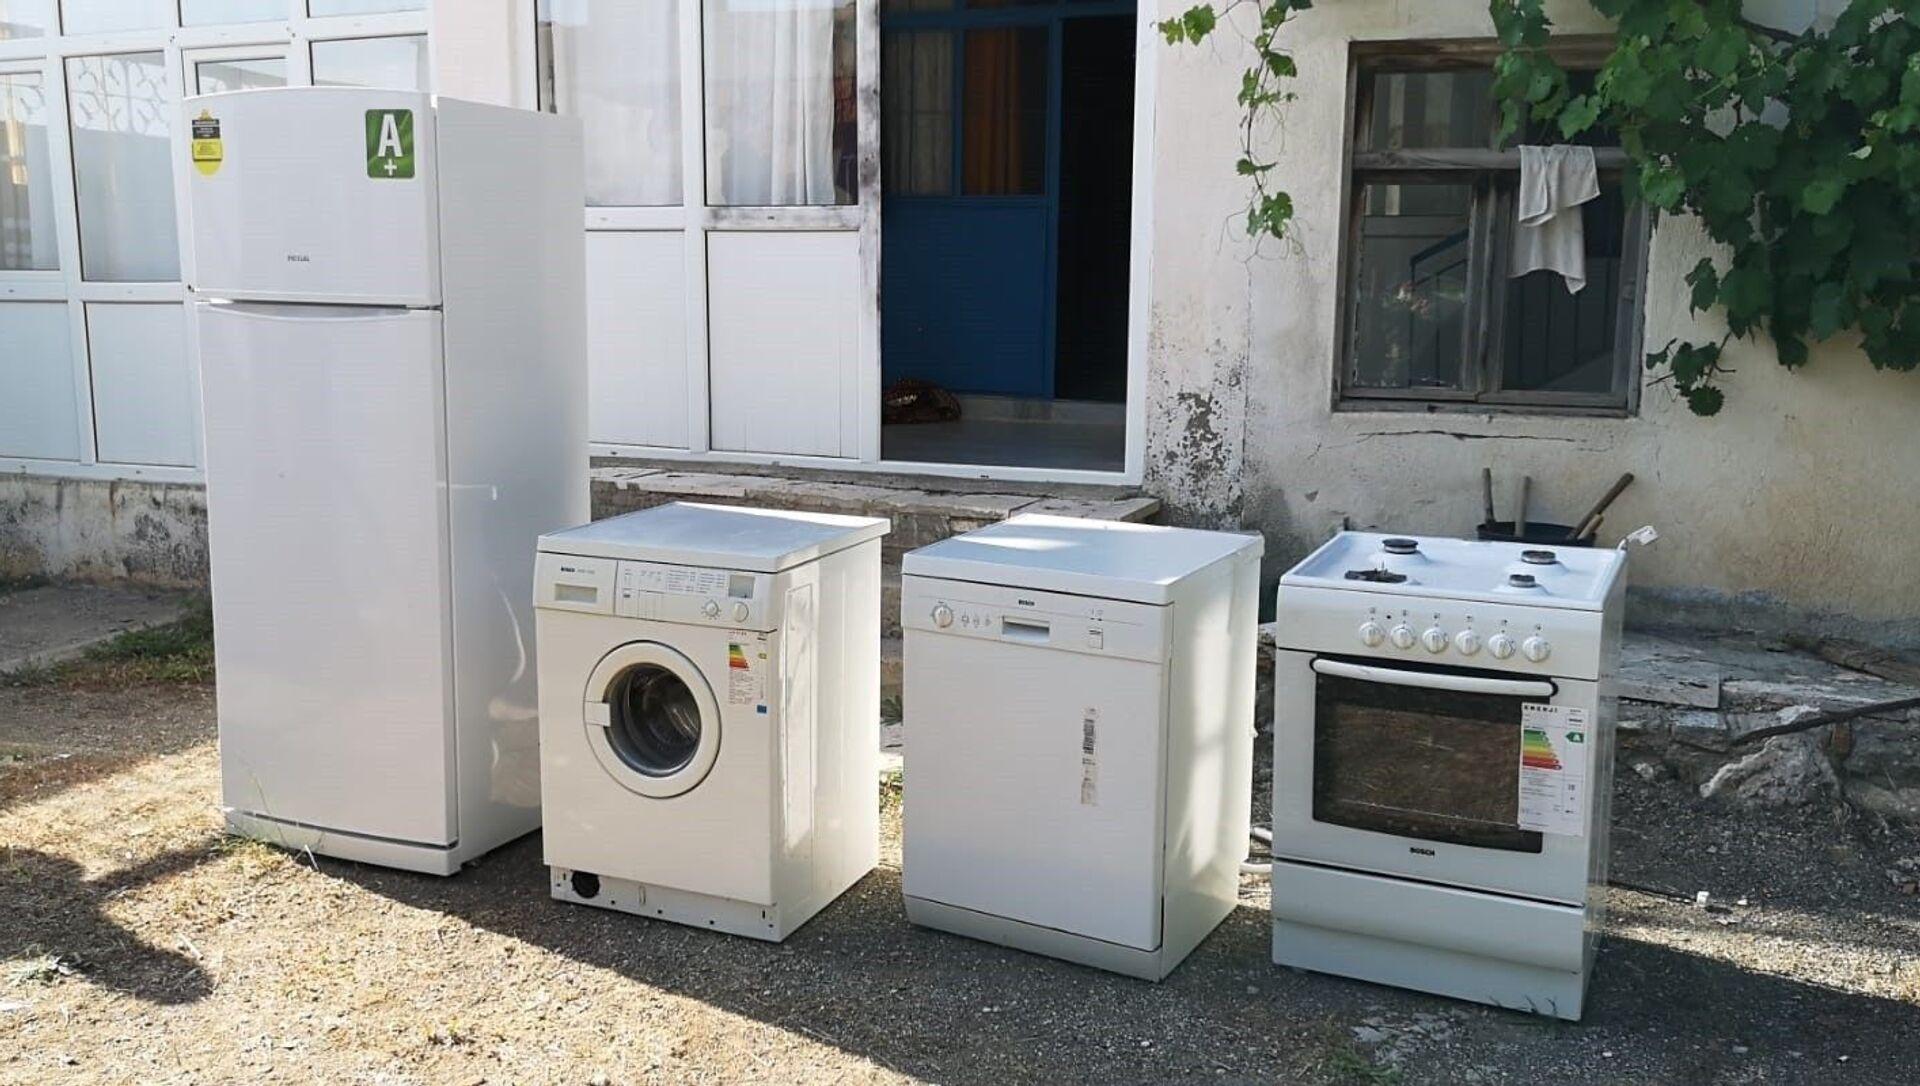 Beyaz eşyalarını çalan hırsız yeğeni çıktı - Sputnik Türkiye, 1920, 06.07.2021